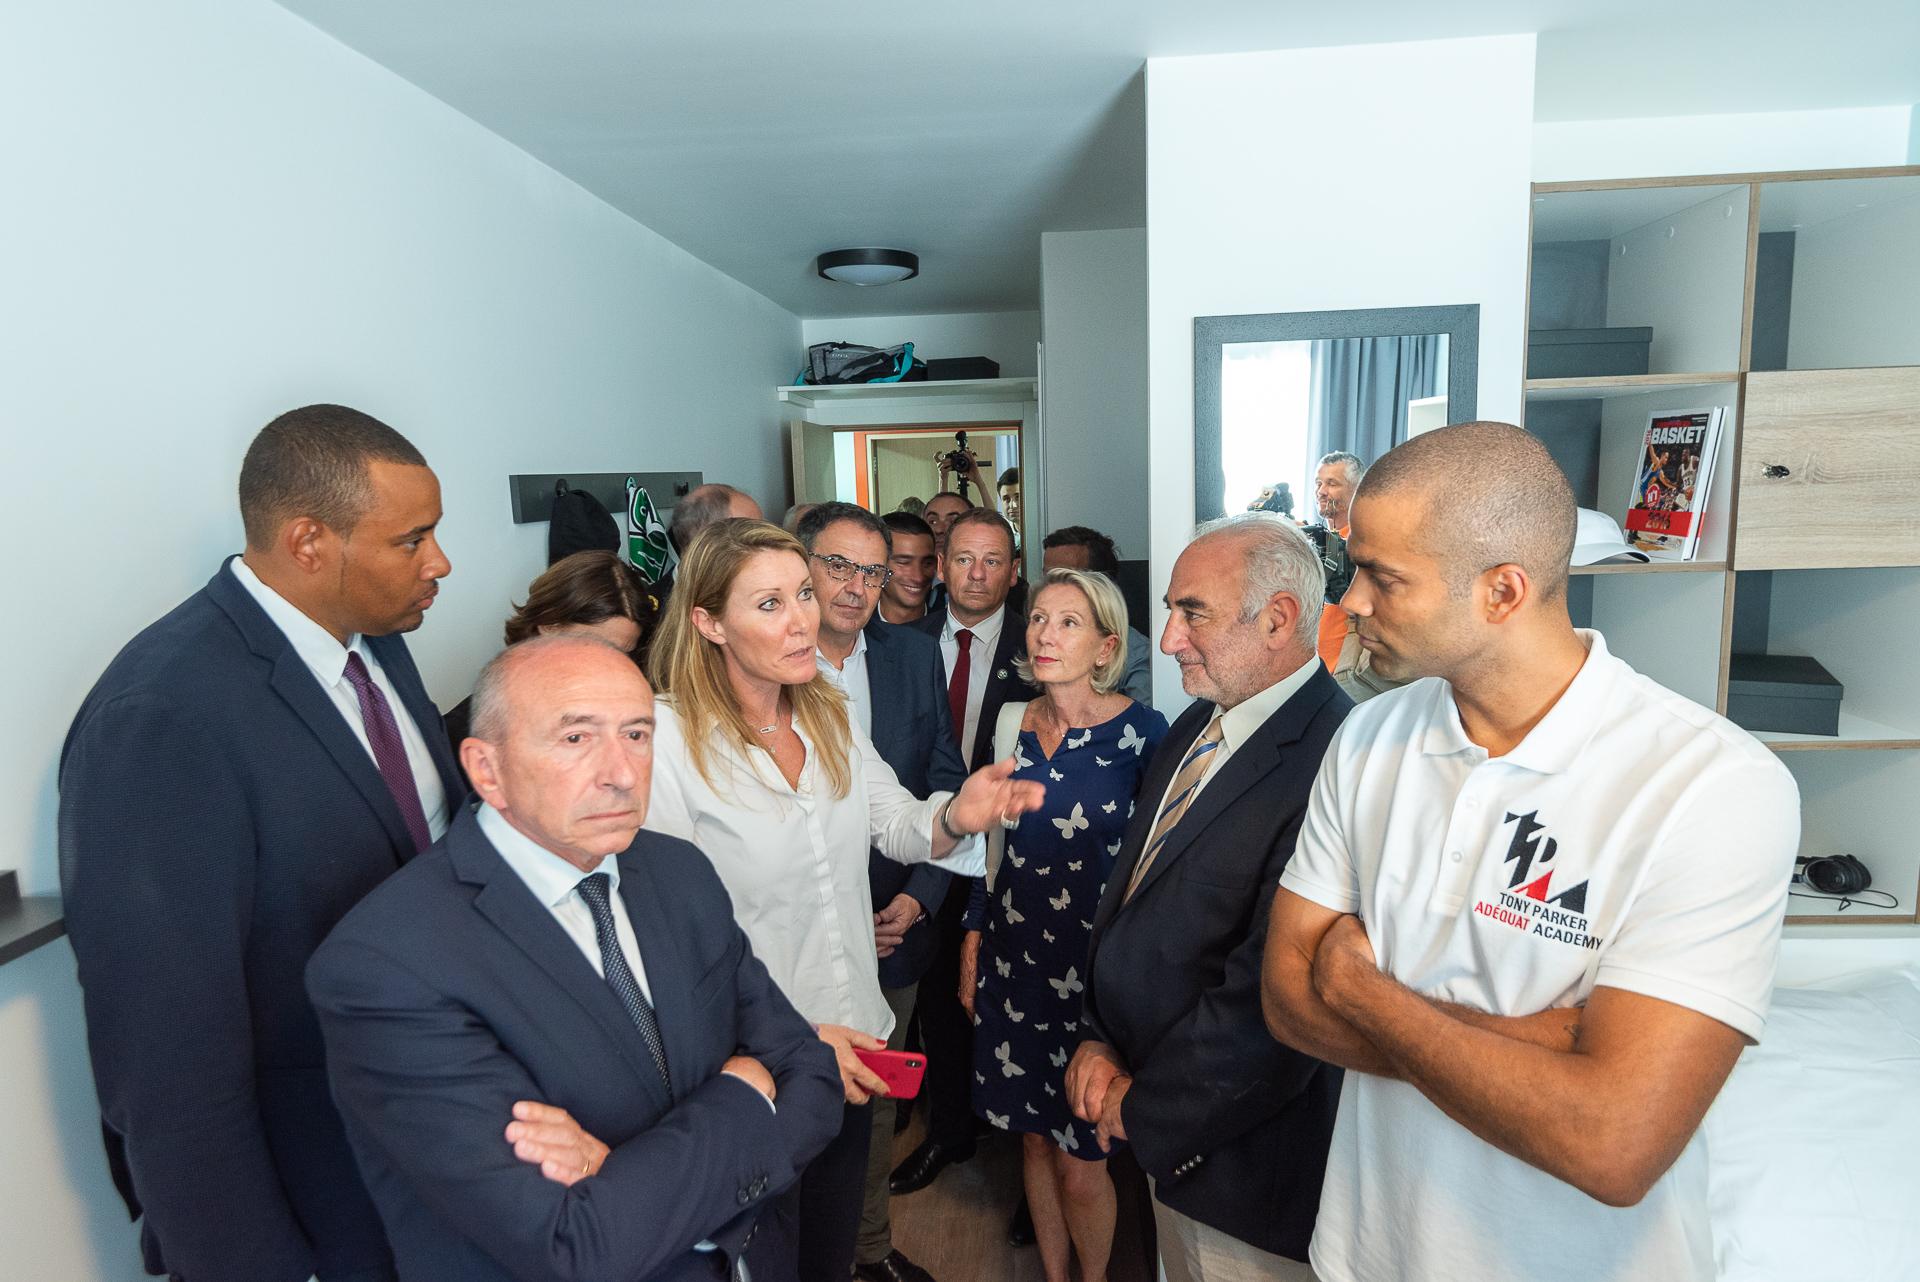 Visite d'un appartement témoin par Florelle Visentin Klein en présence de Tony Parker et Gérard Collomb - Tony Parker Adéquat Academy à Lyon